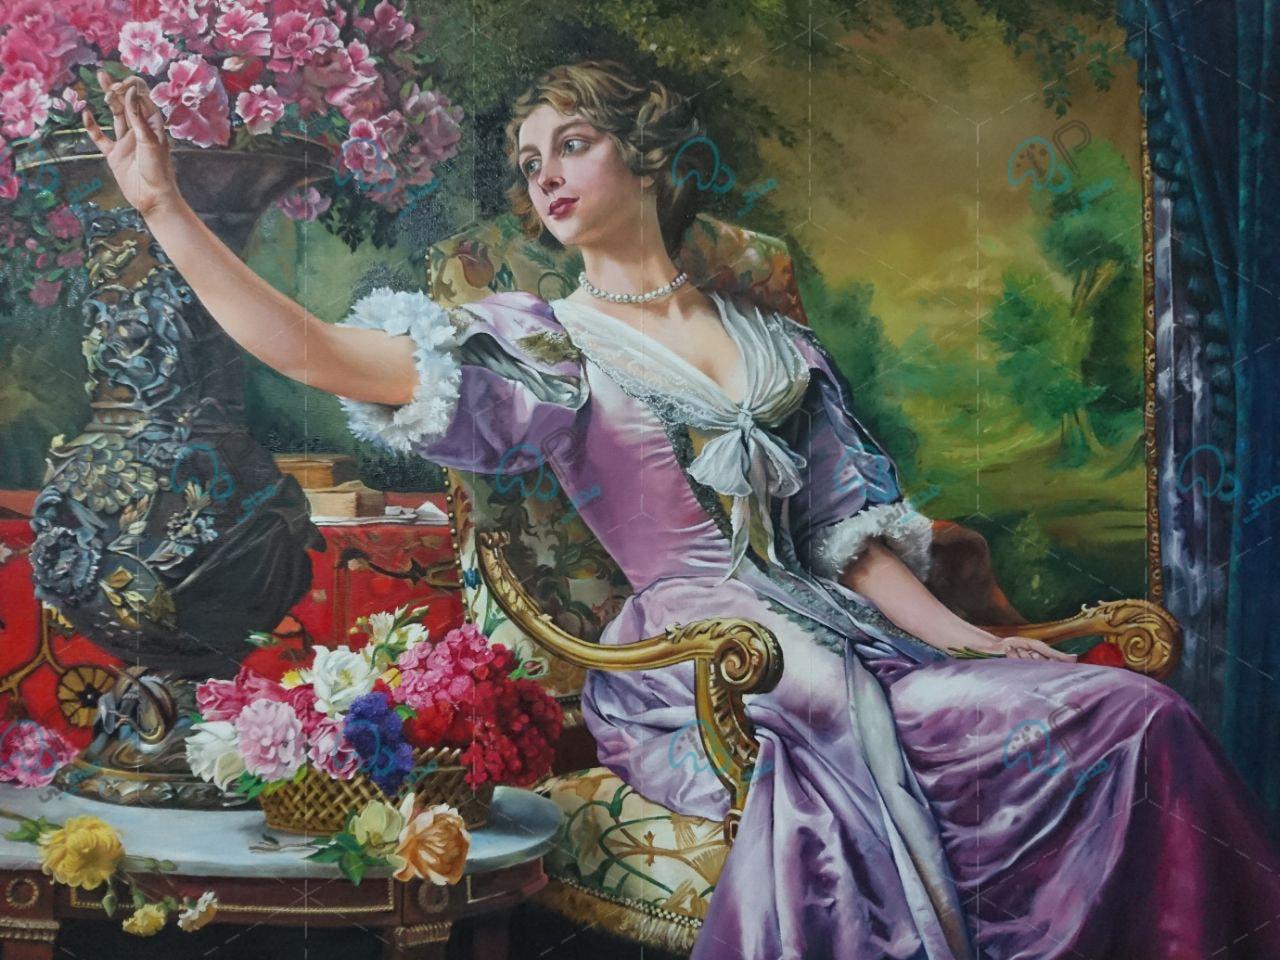 تابلو های نقاشی مدرن کلاسیک